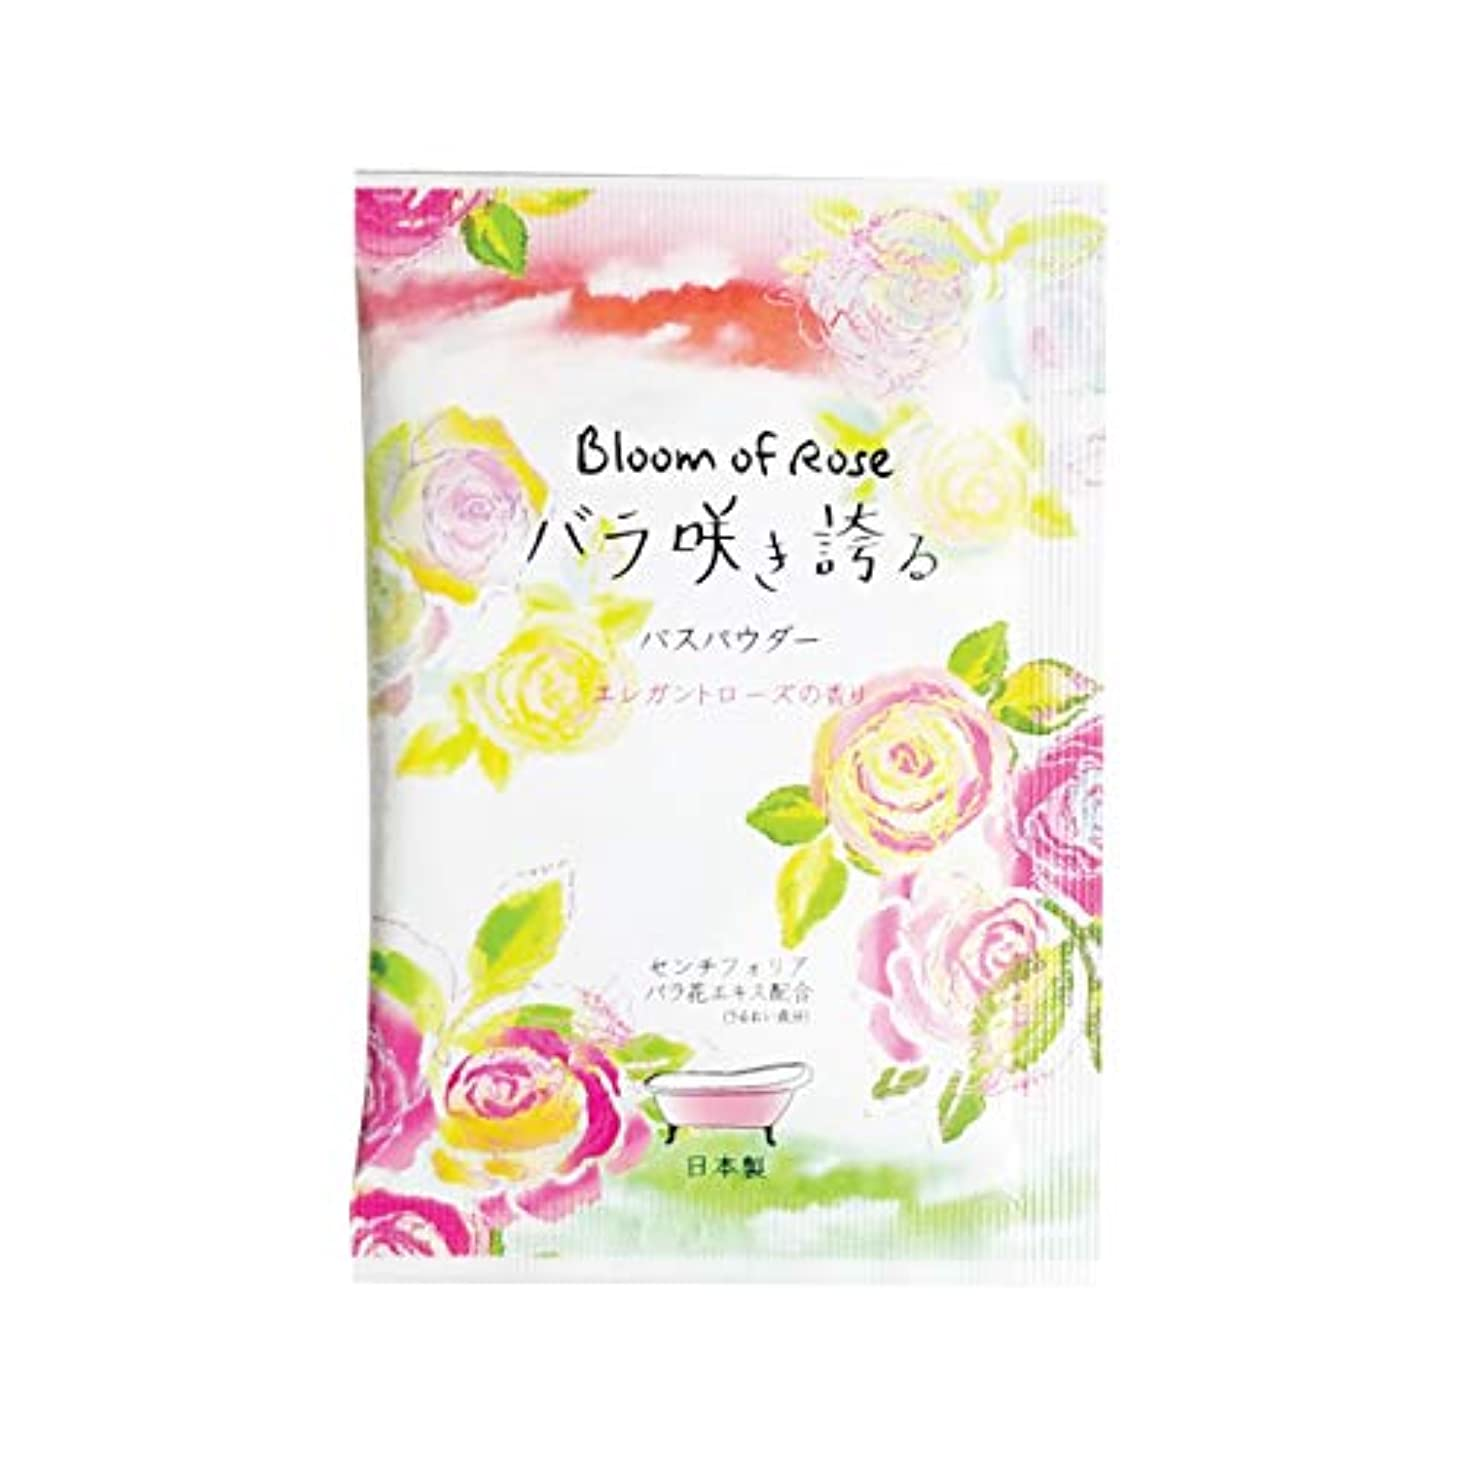 仕事に行く麻酔薬温度計Bloom of Rose バラ咲き誇る入浴剤 120個